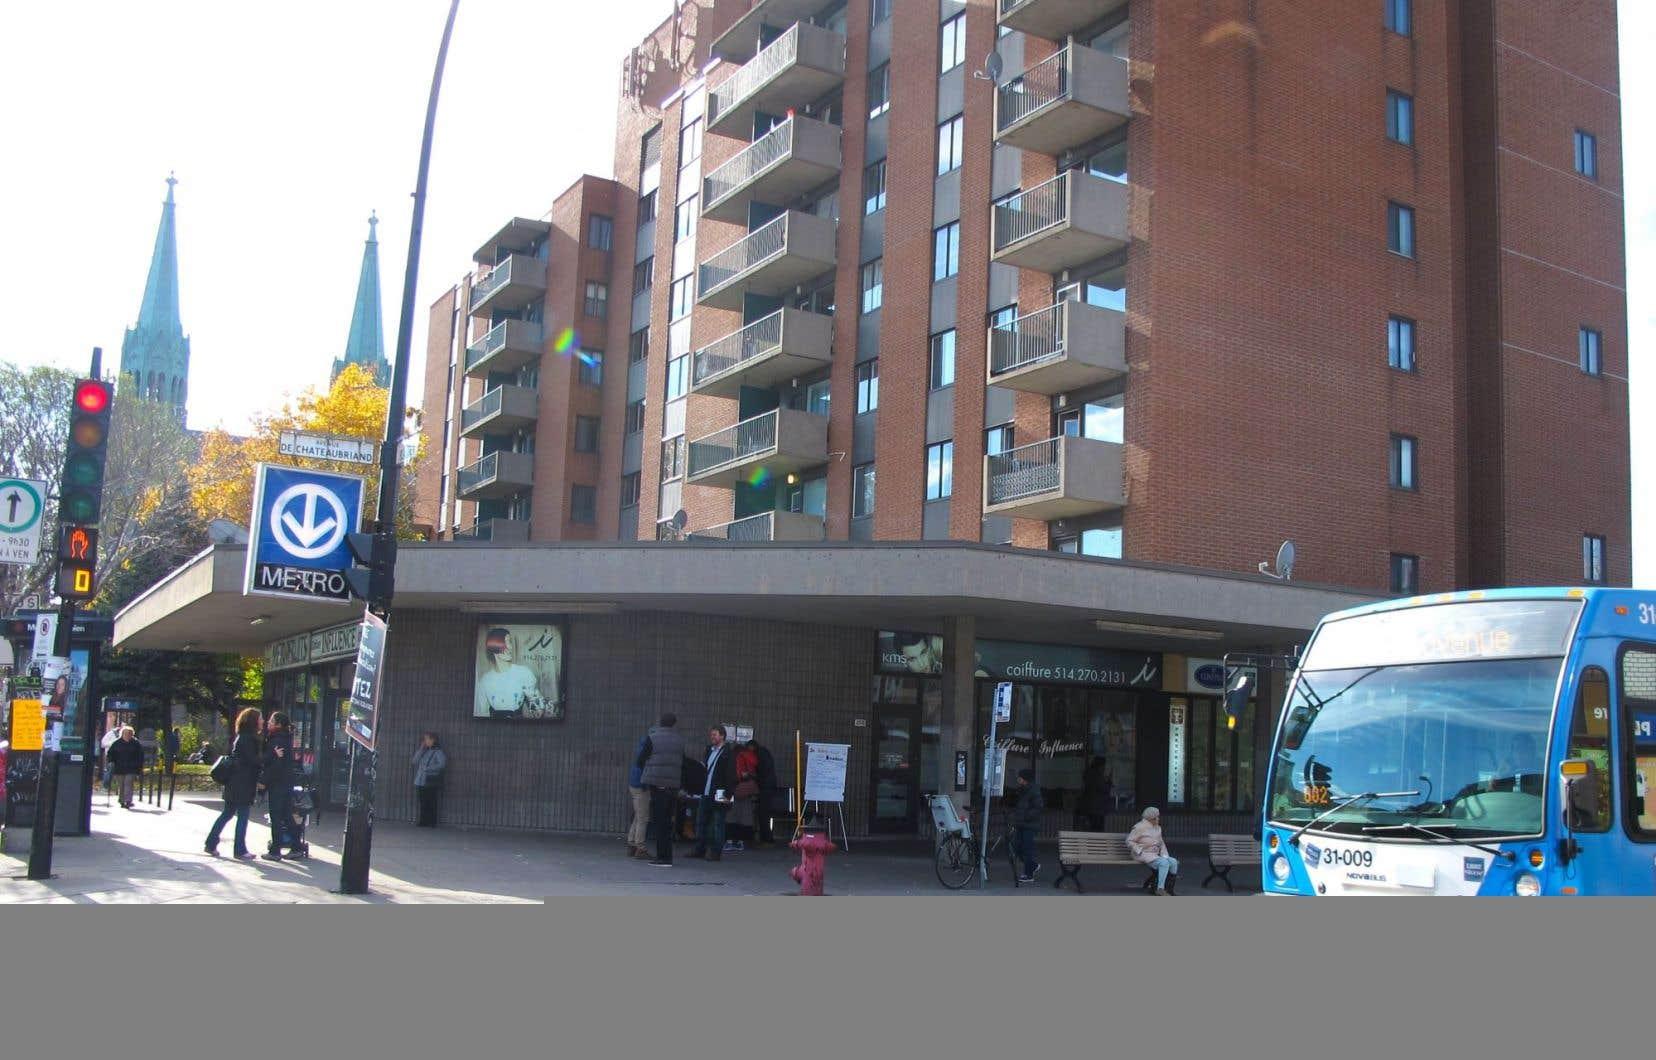 L'un des projets prévoit l'aménagement de la rue Beaubien, entre les rues Saint-Denis et Boyer, en voie piétonne que pourront aussi emprunter les autobus et les vélos.